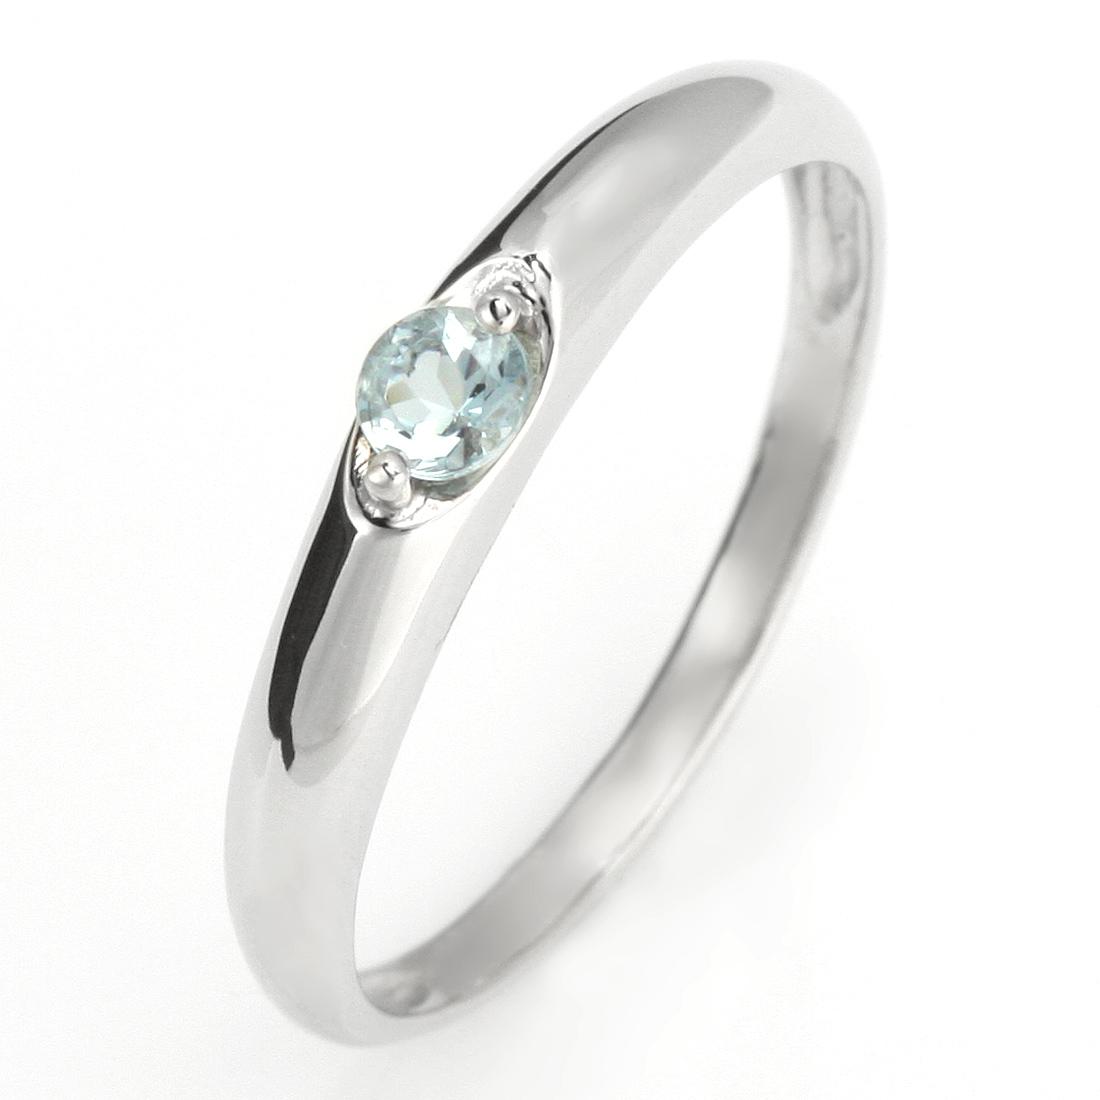 ペアリング 結婚指輪 マリッジリング プラチナ リング アクアマリン 3月 誕生石【DEAL】